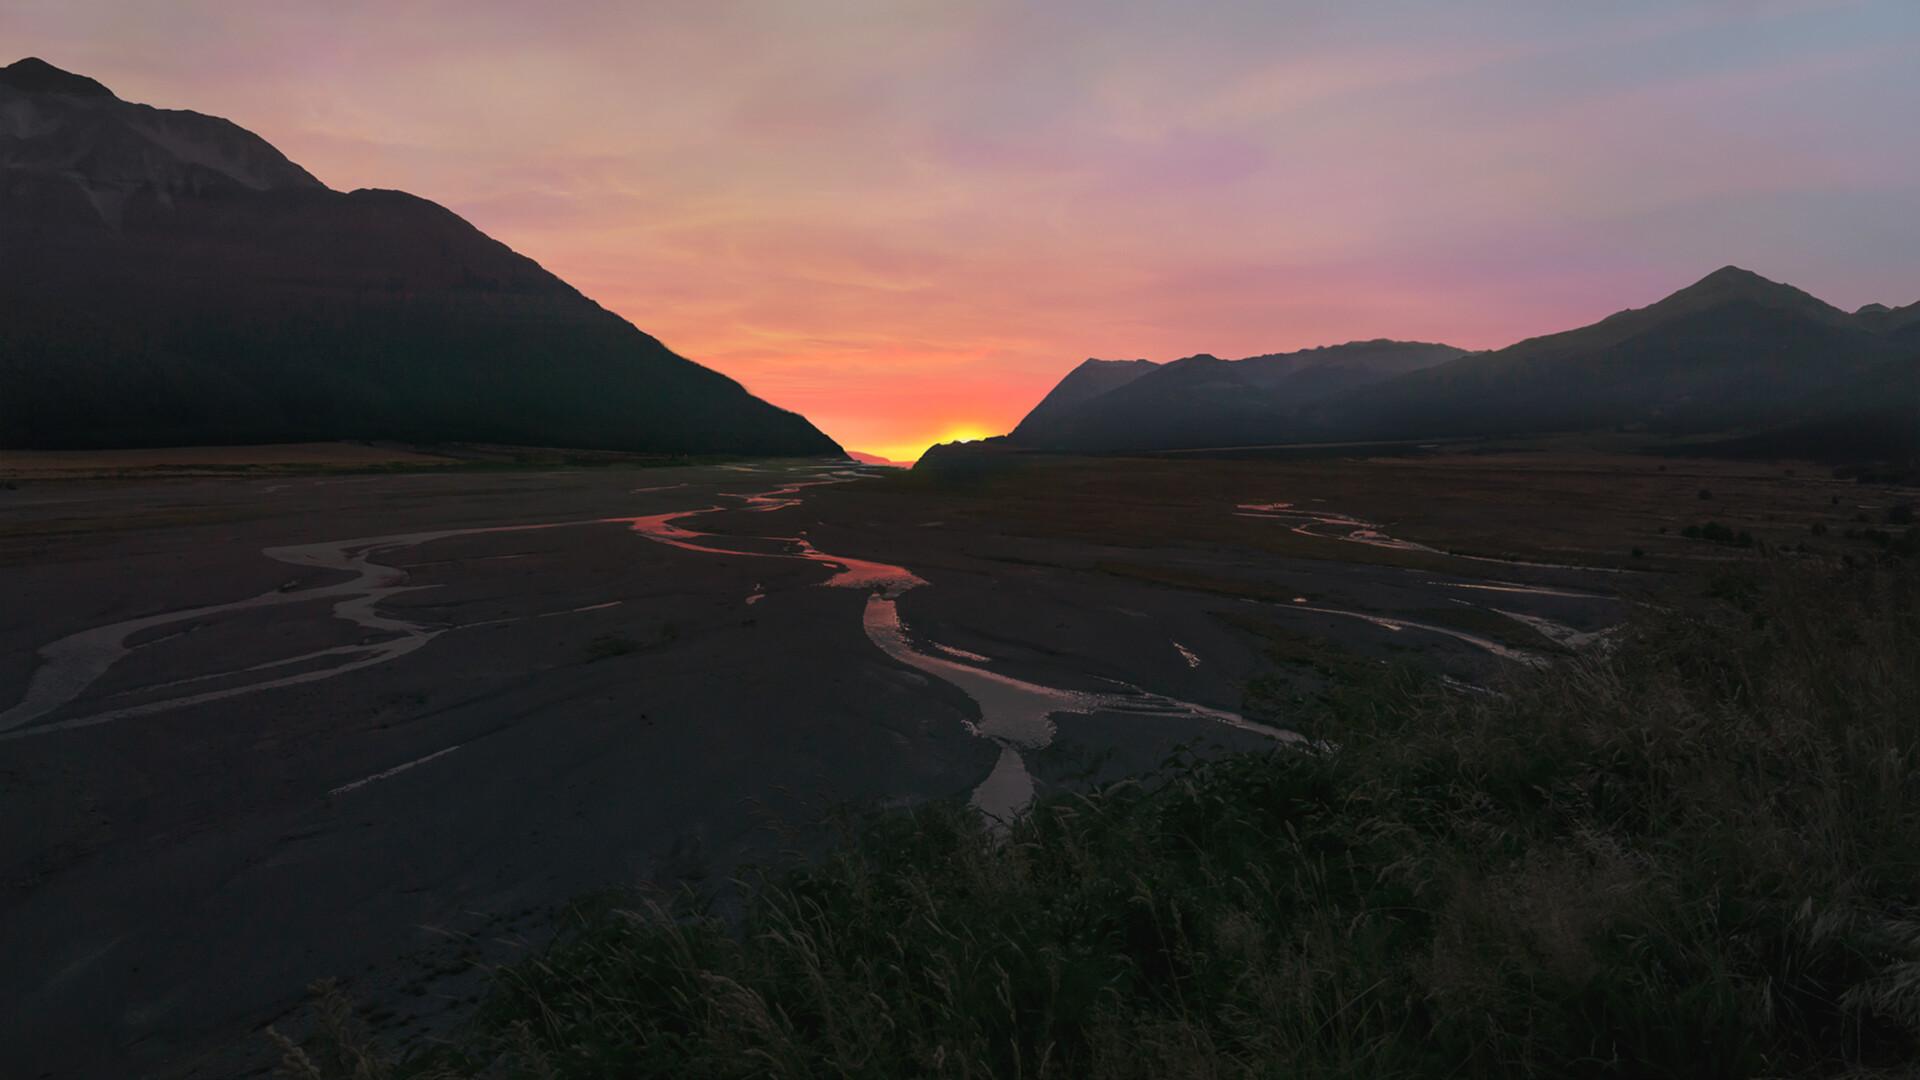 Sunset - Final